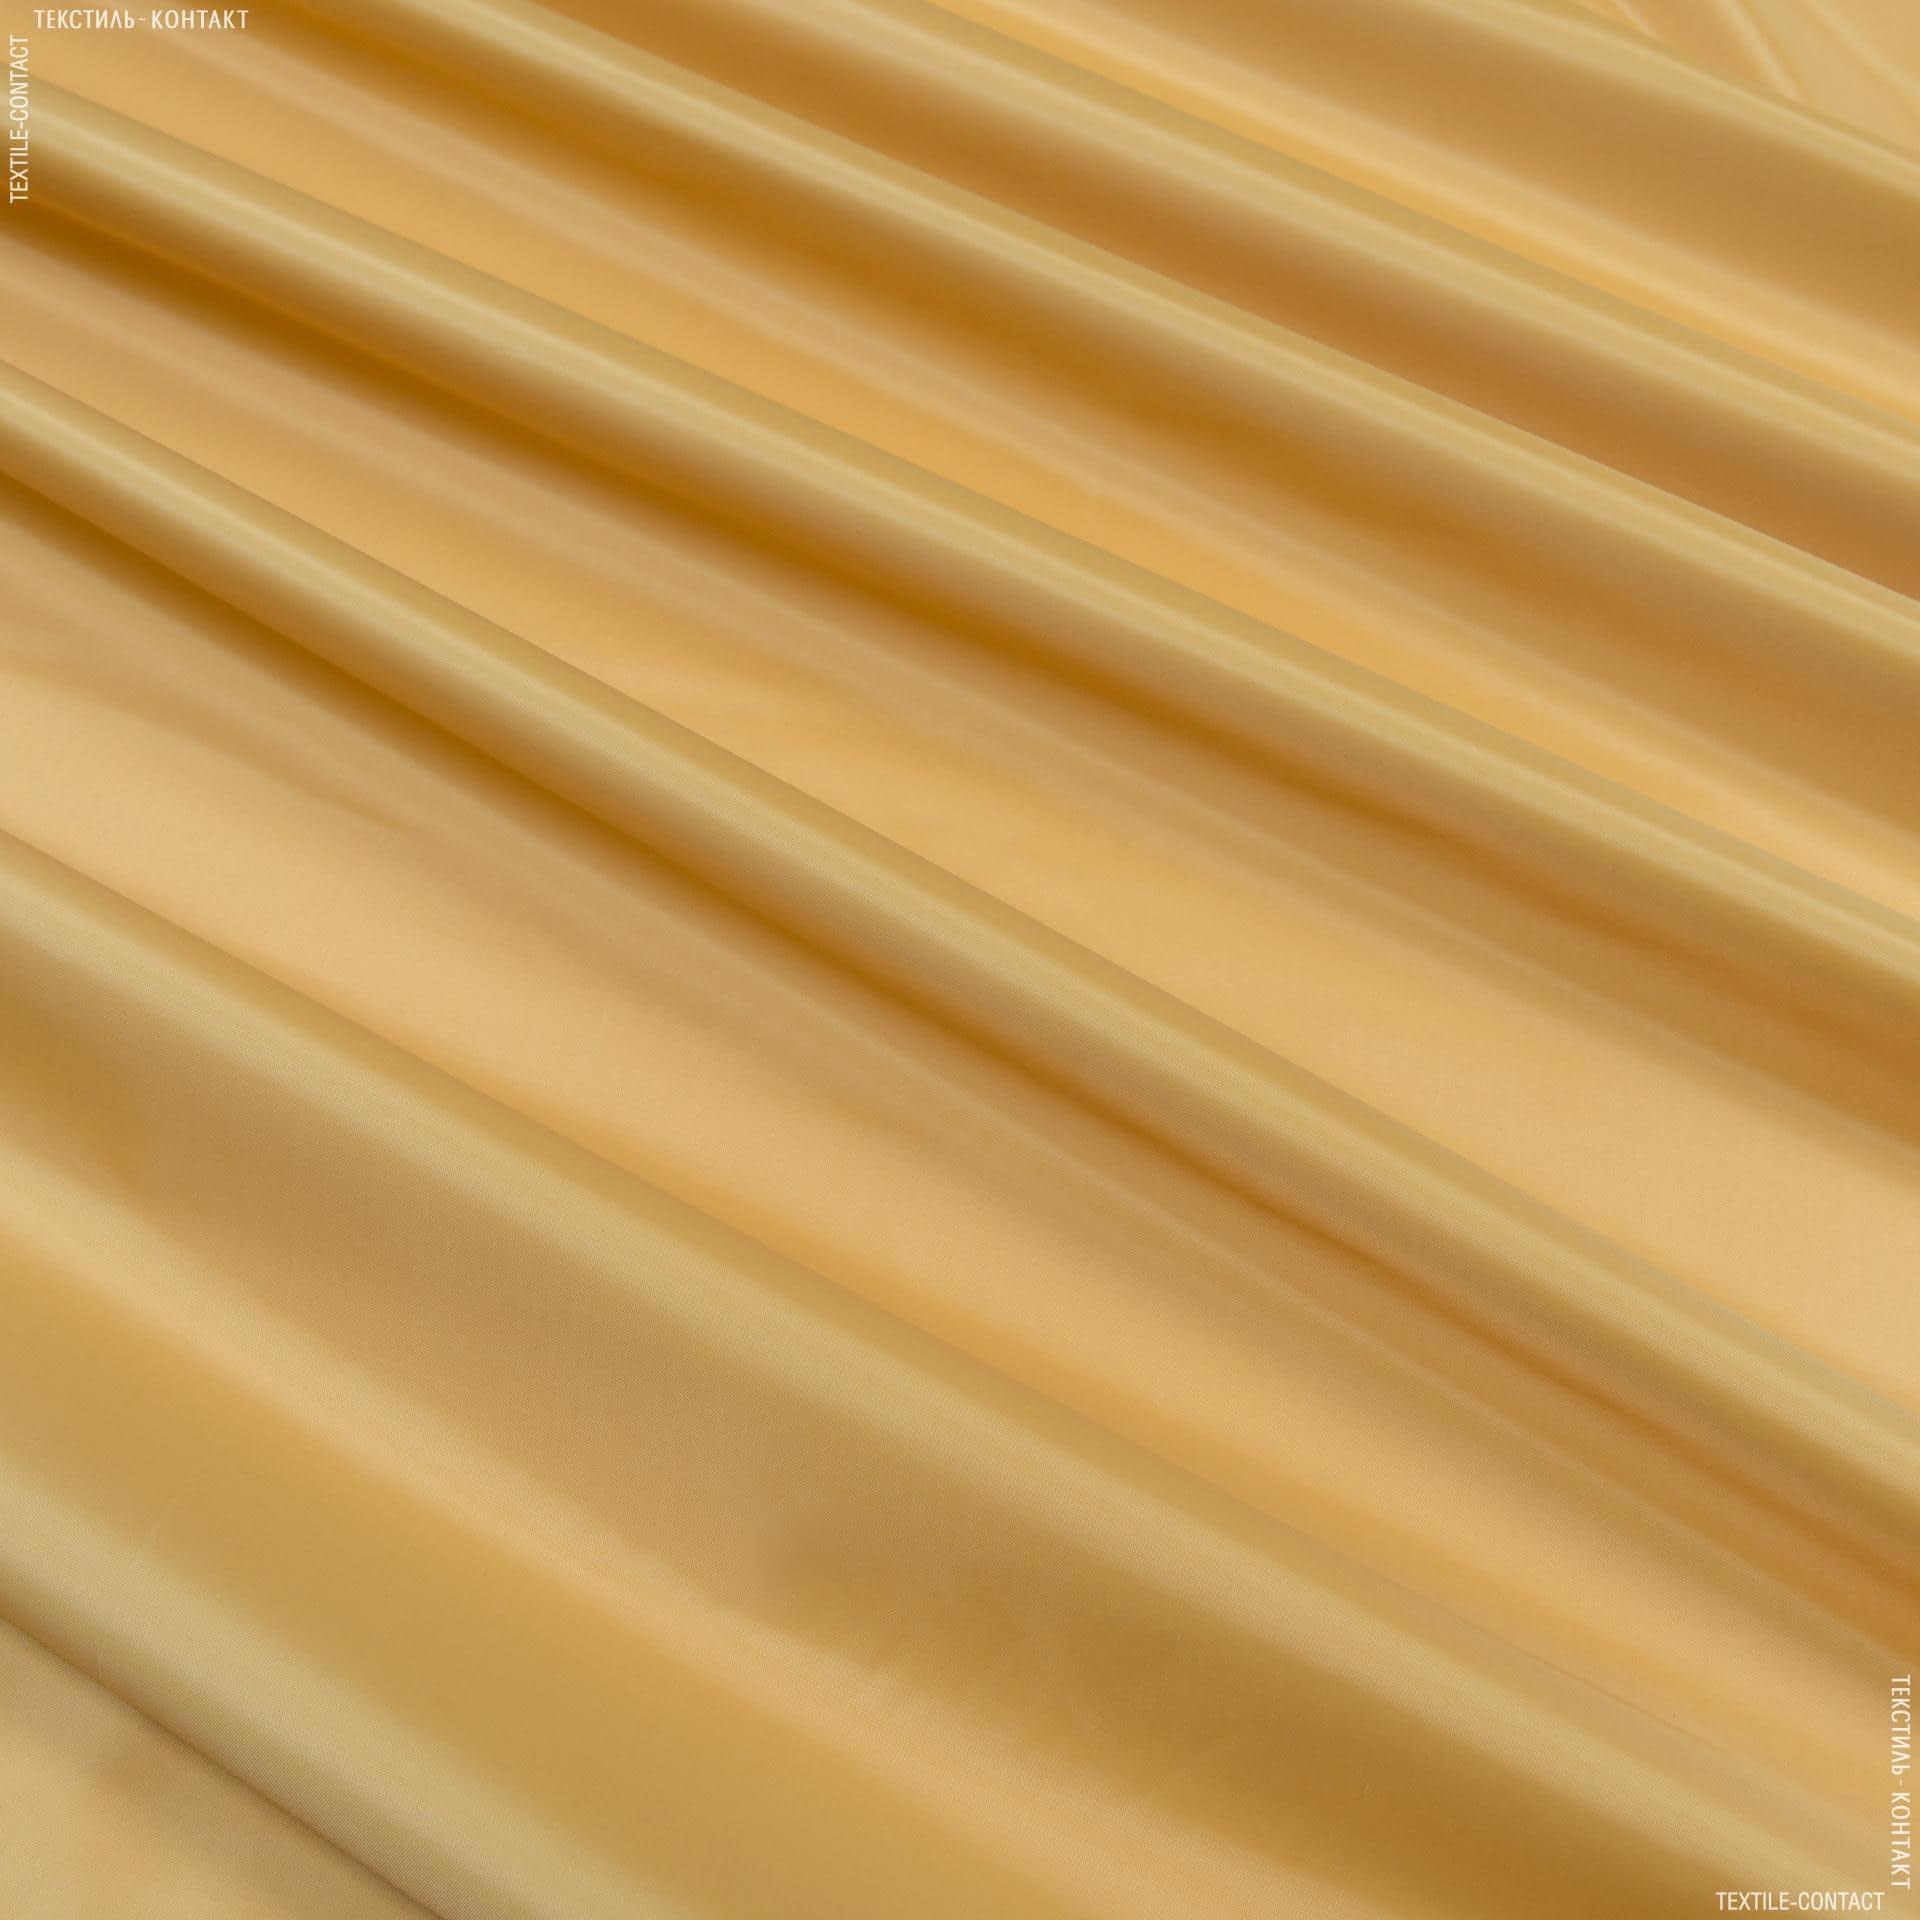 Ткани для палаток - Оксфорд нейлон  420d  песочный